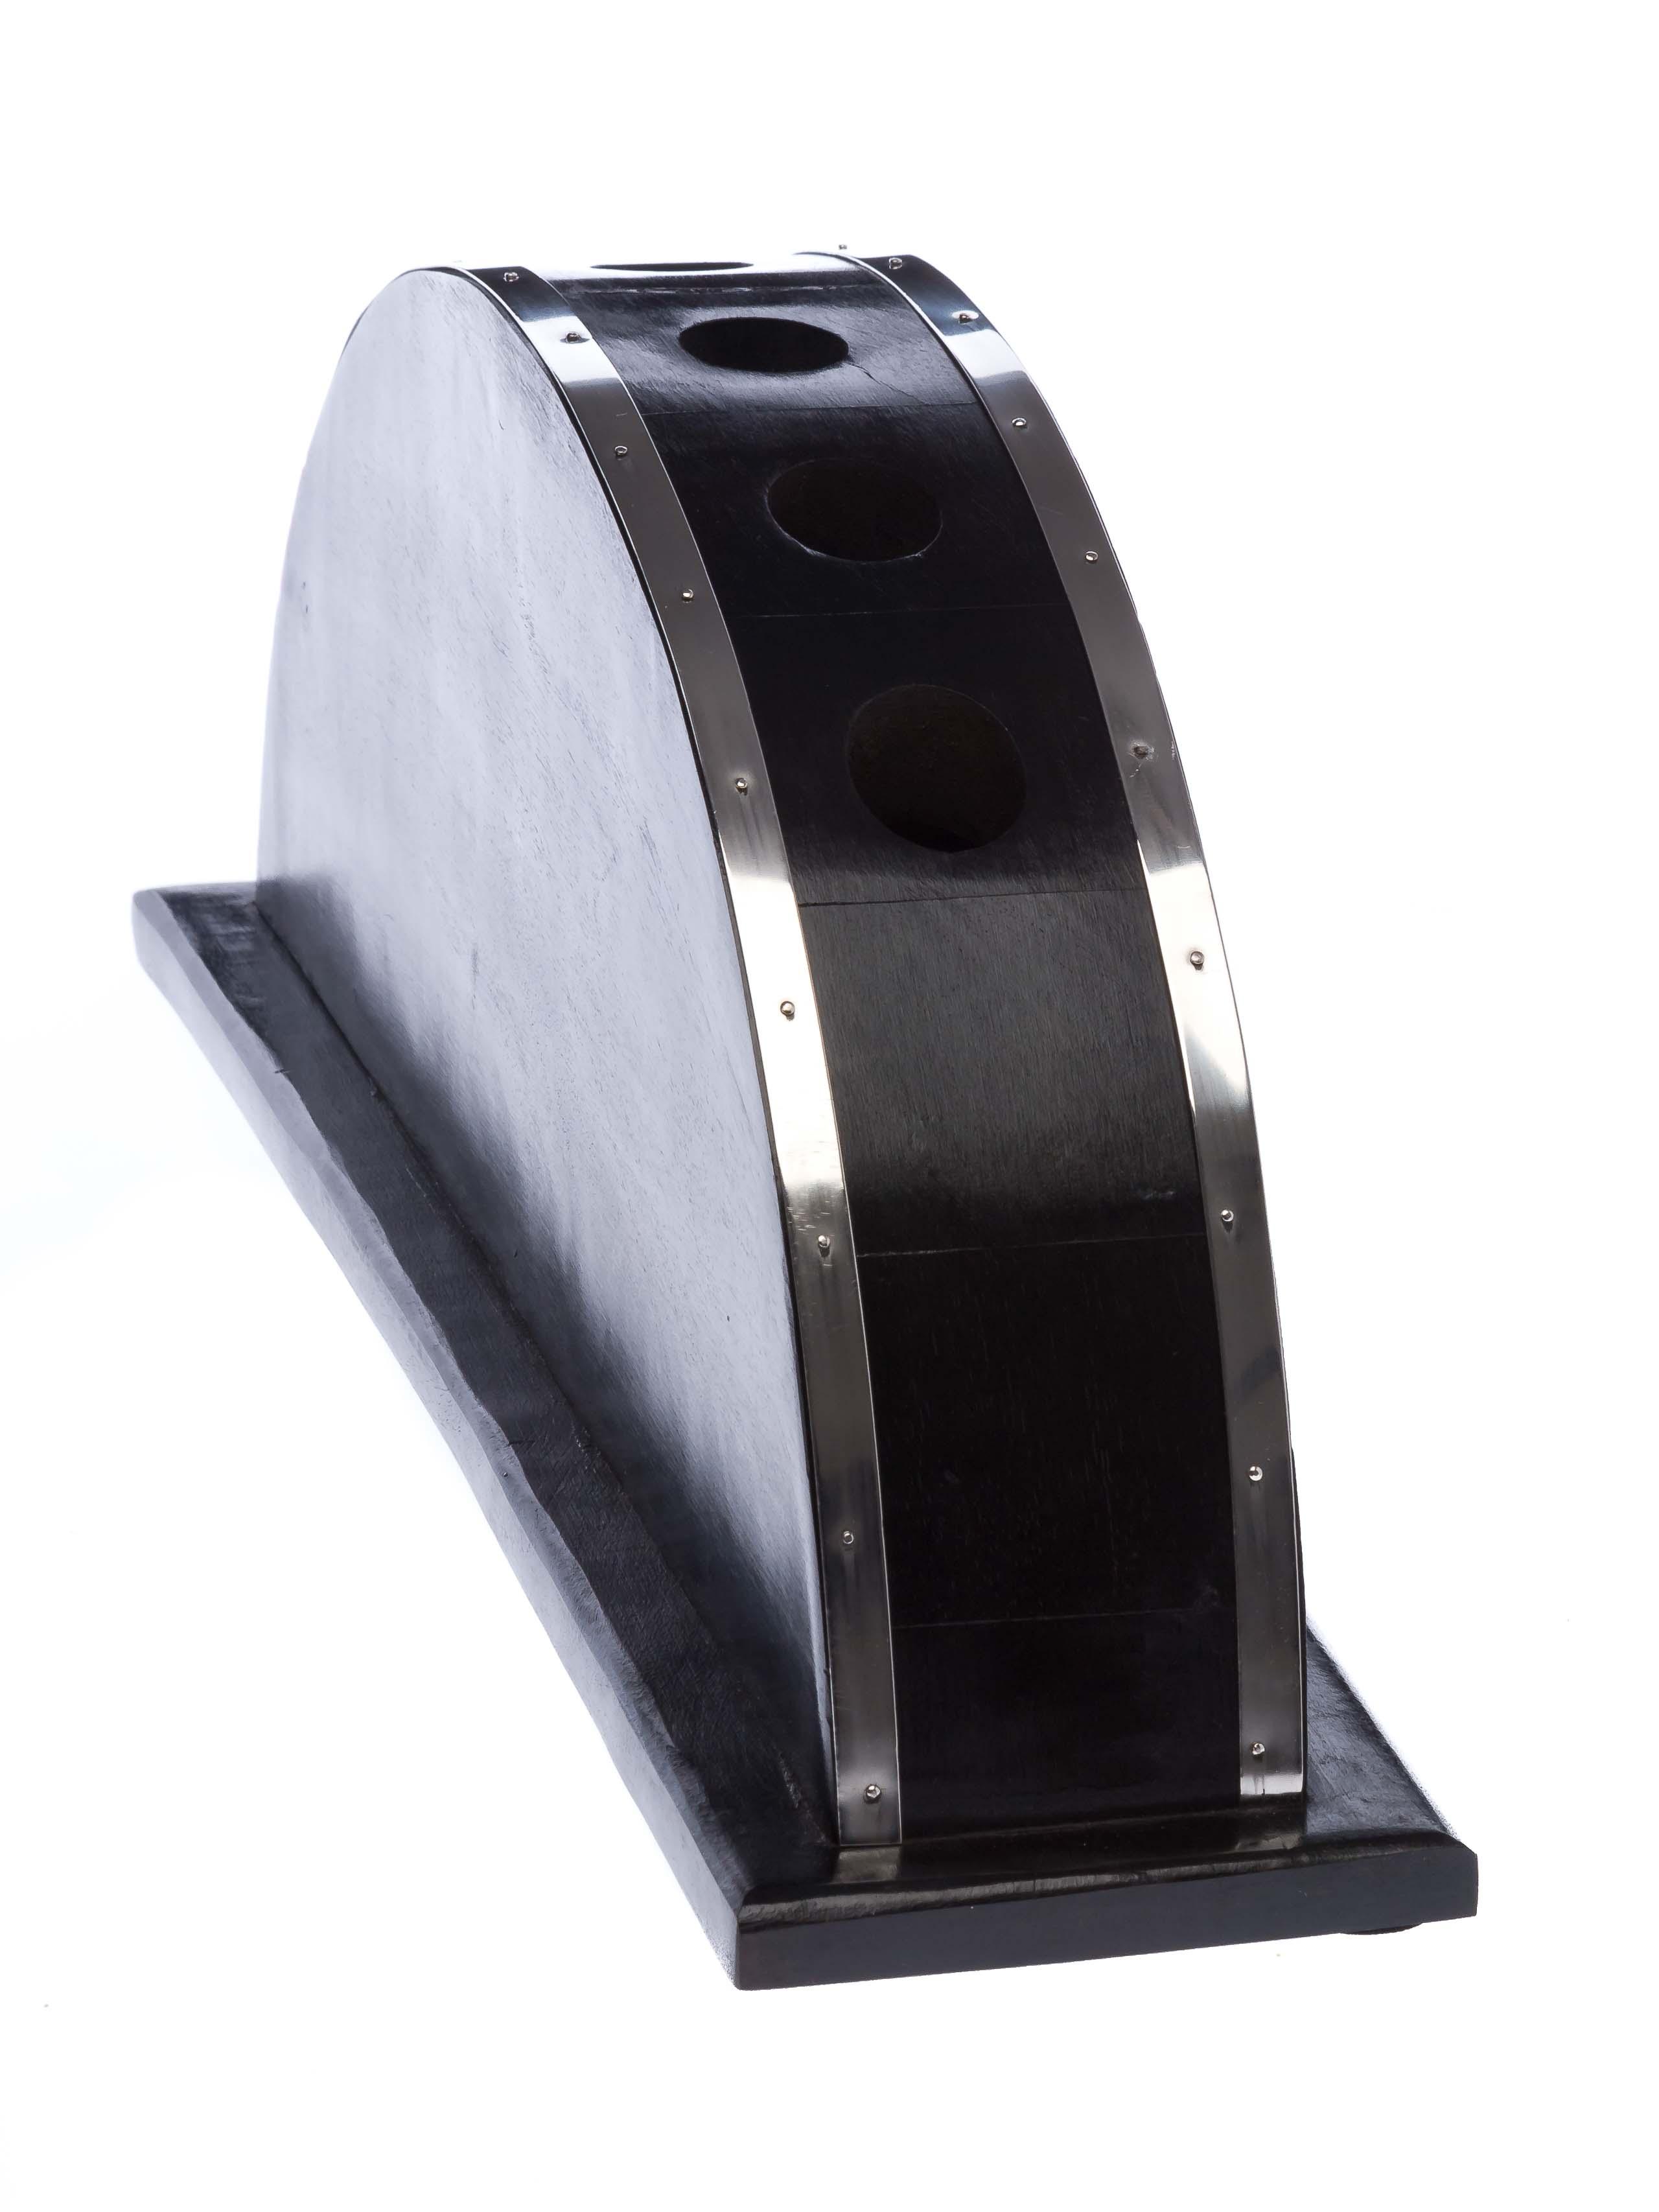 Spazierstock Ständer Stockständer massiv Holz Schwarz Silberfarbig beschlagen